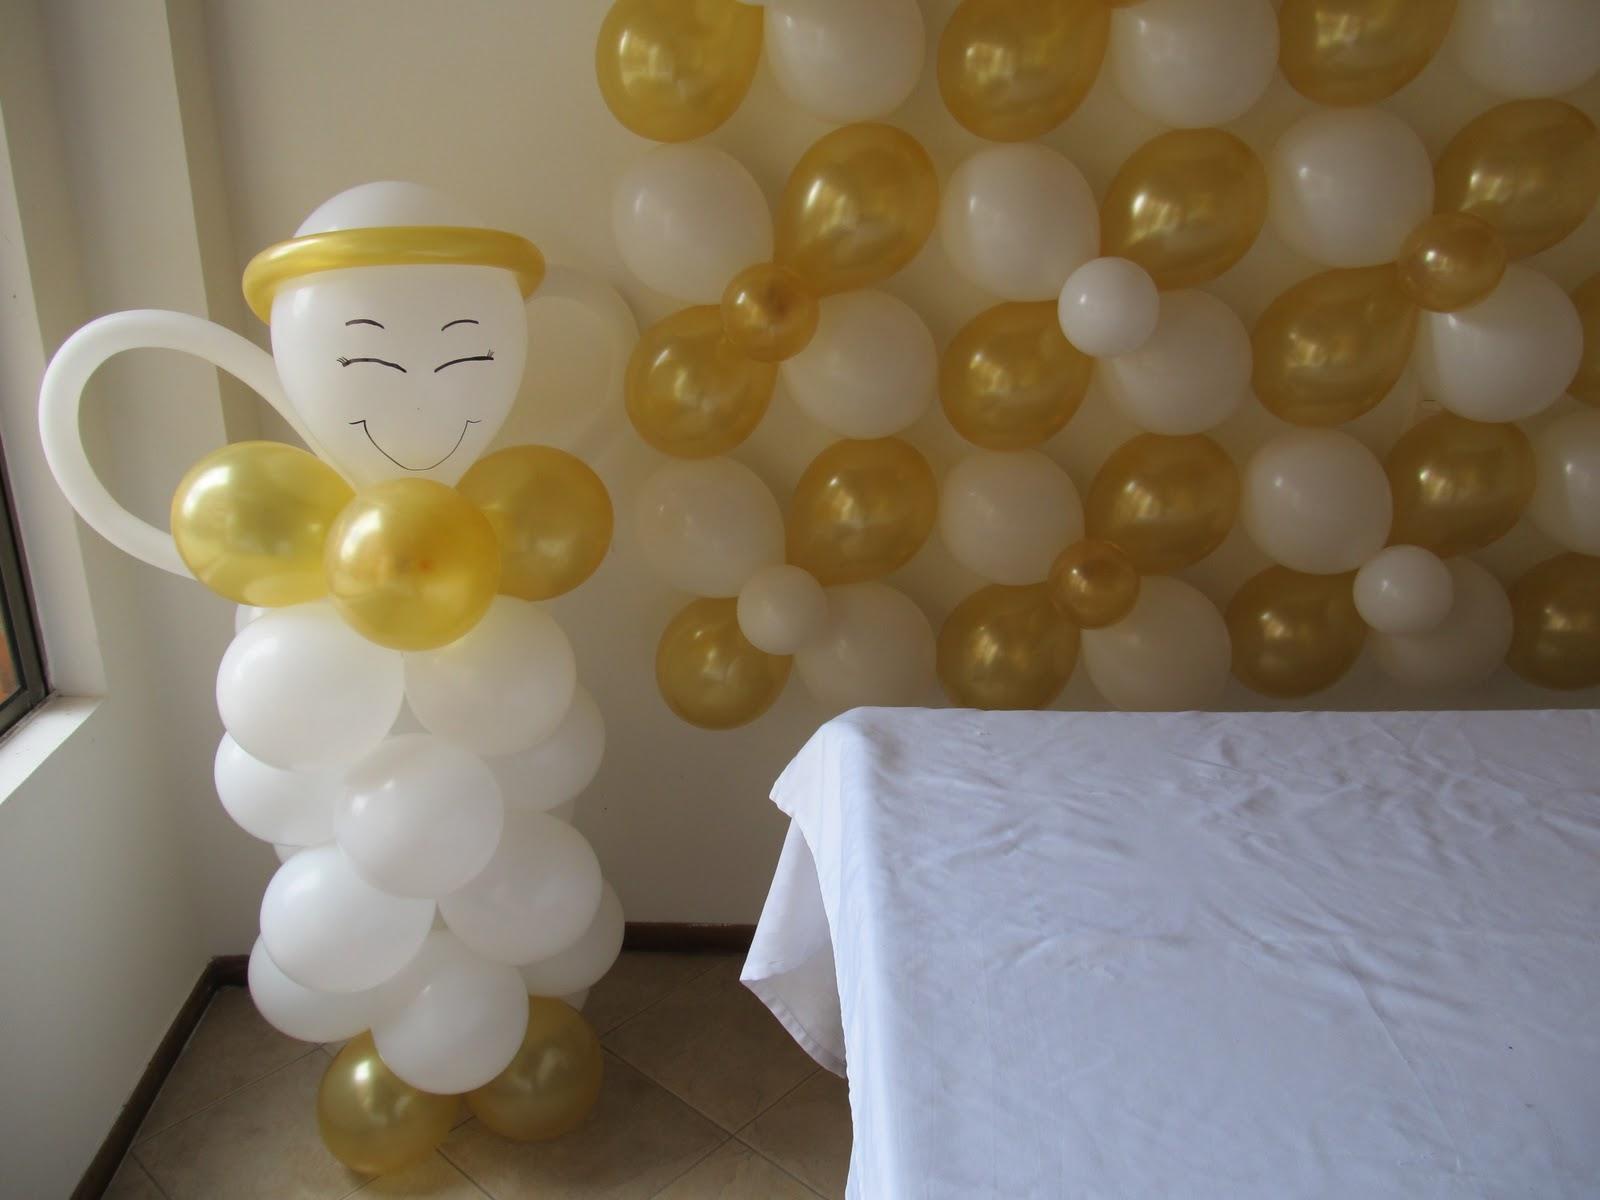 Fiestas primera comunion fiestas tematicas infantiles - Decoracion comunion en casa ...